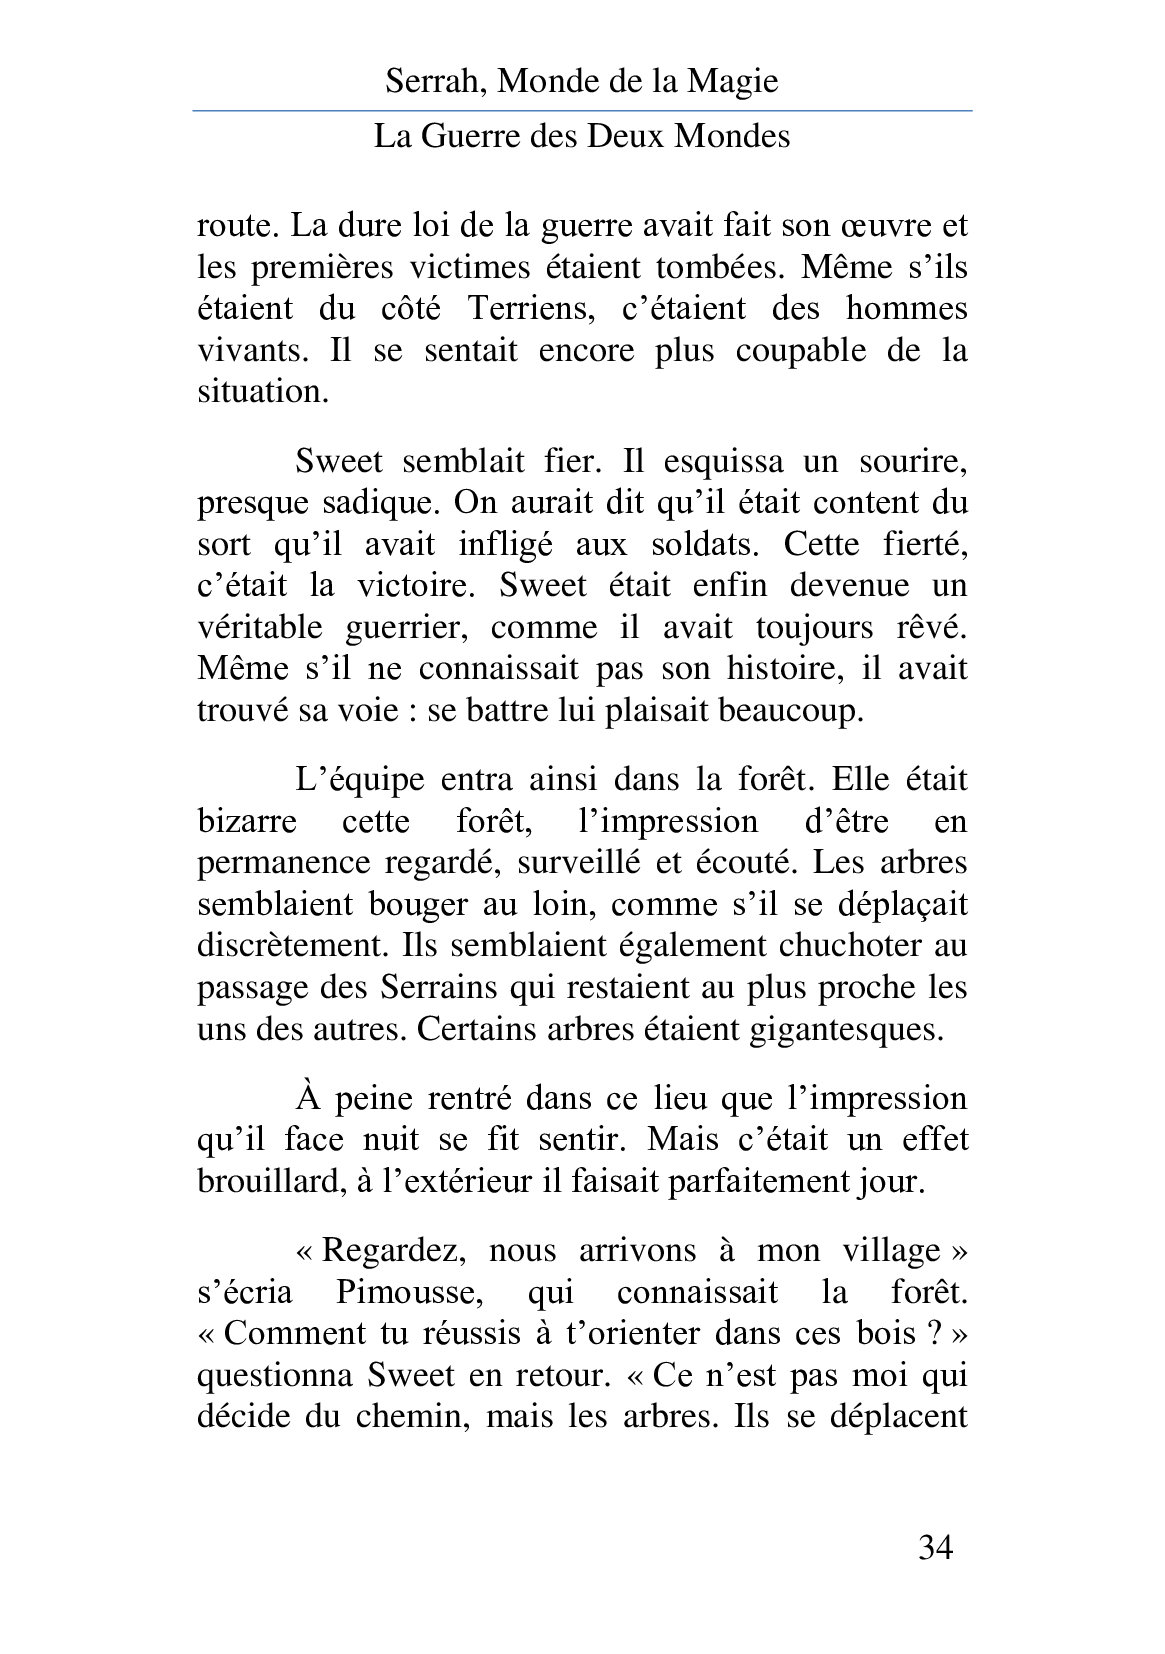 Chapitre 7 - Appel aux Renforts 200428084129601233